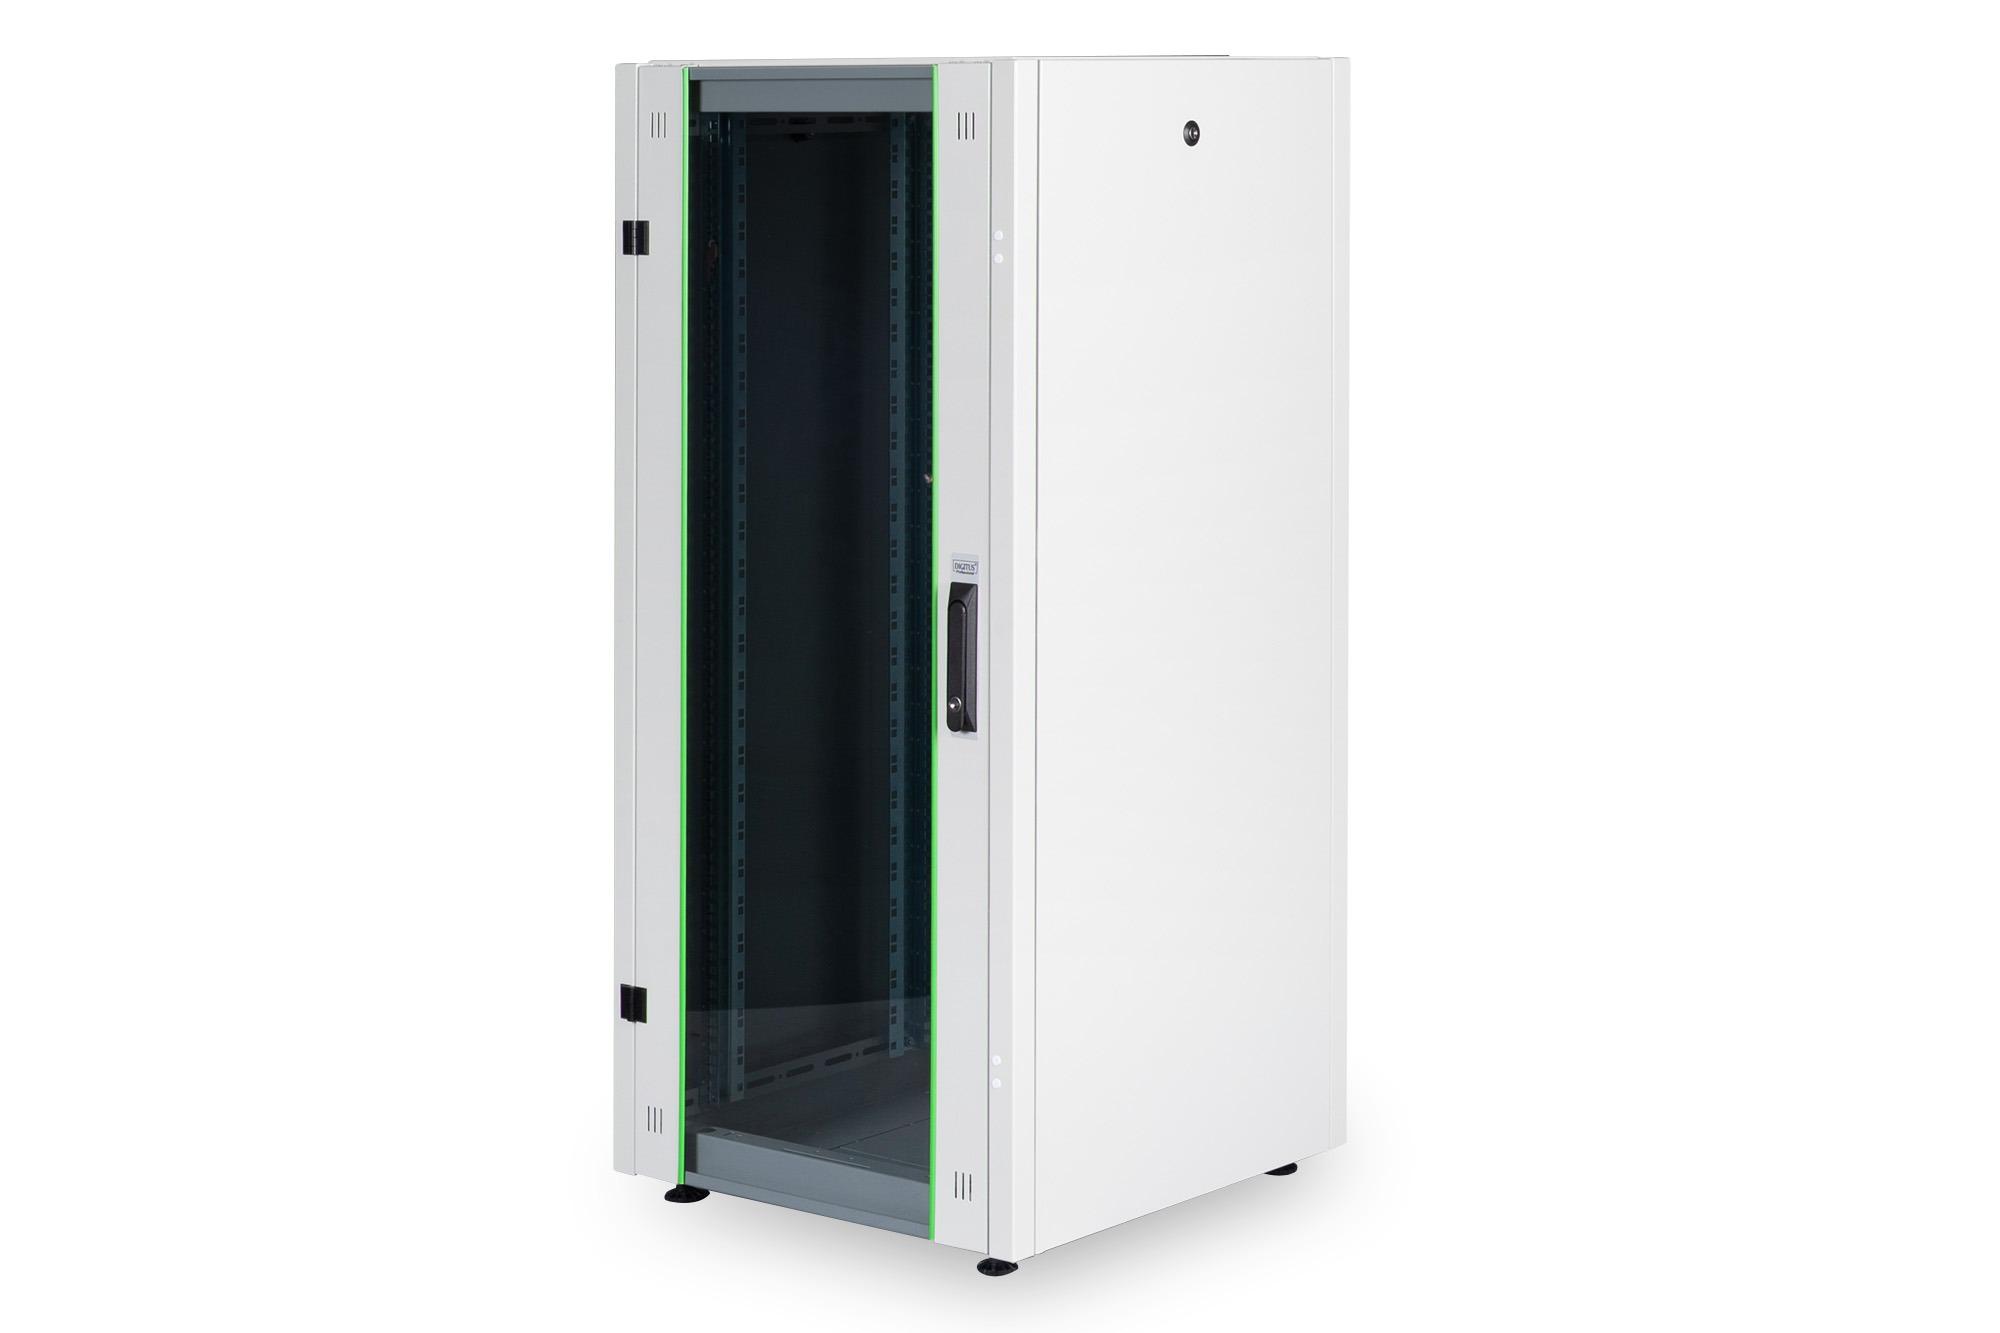 Armadio rack per reti 19″ 22u (a)1121, (l)600, (p)600 colore grigio porta vetro disassemblato digitus